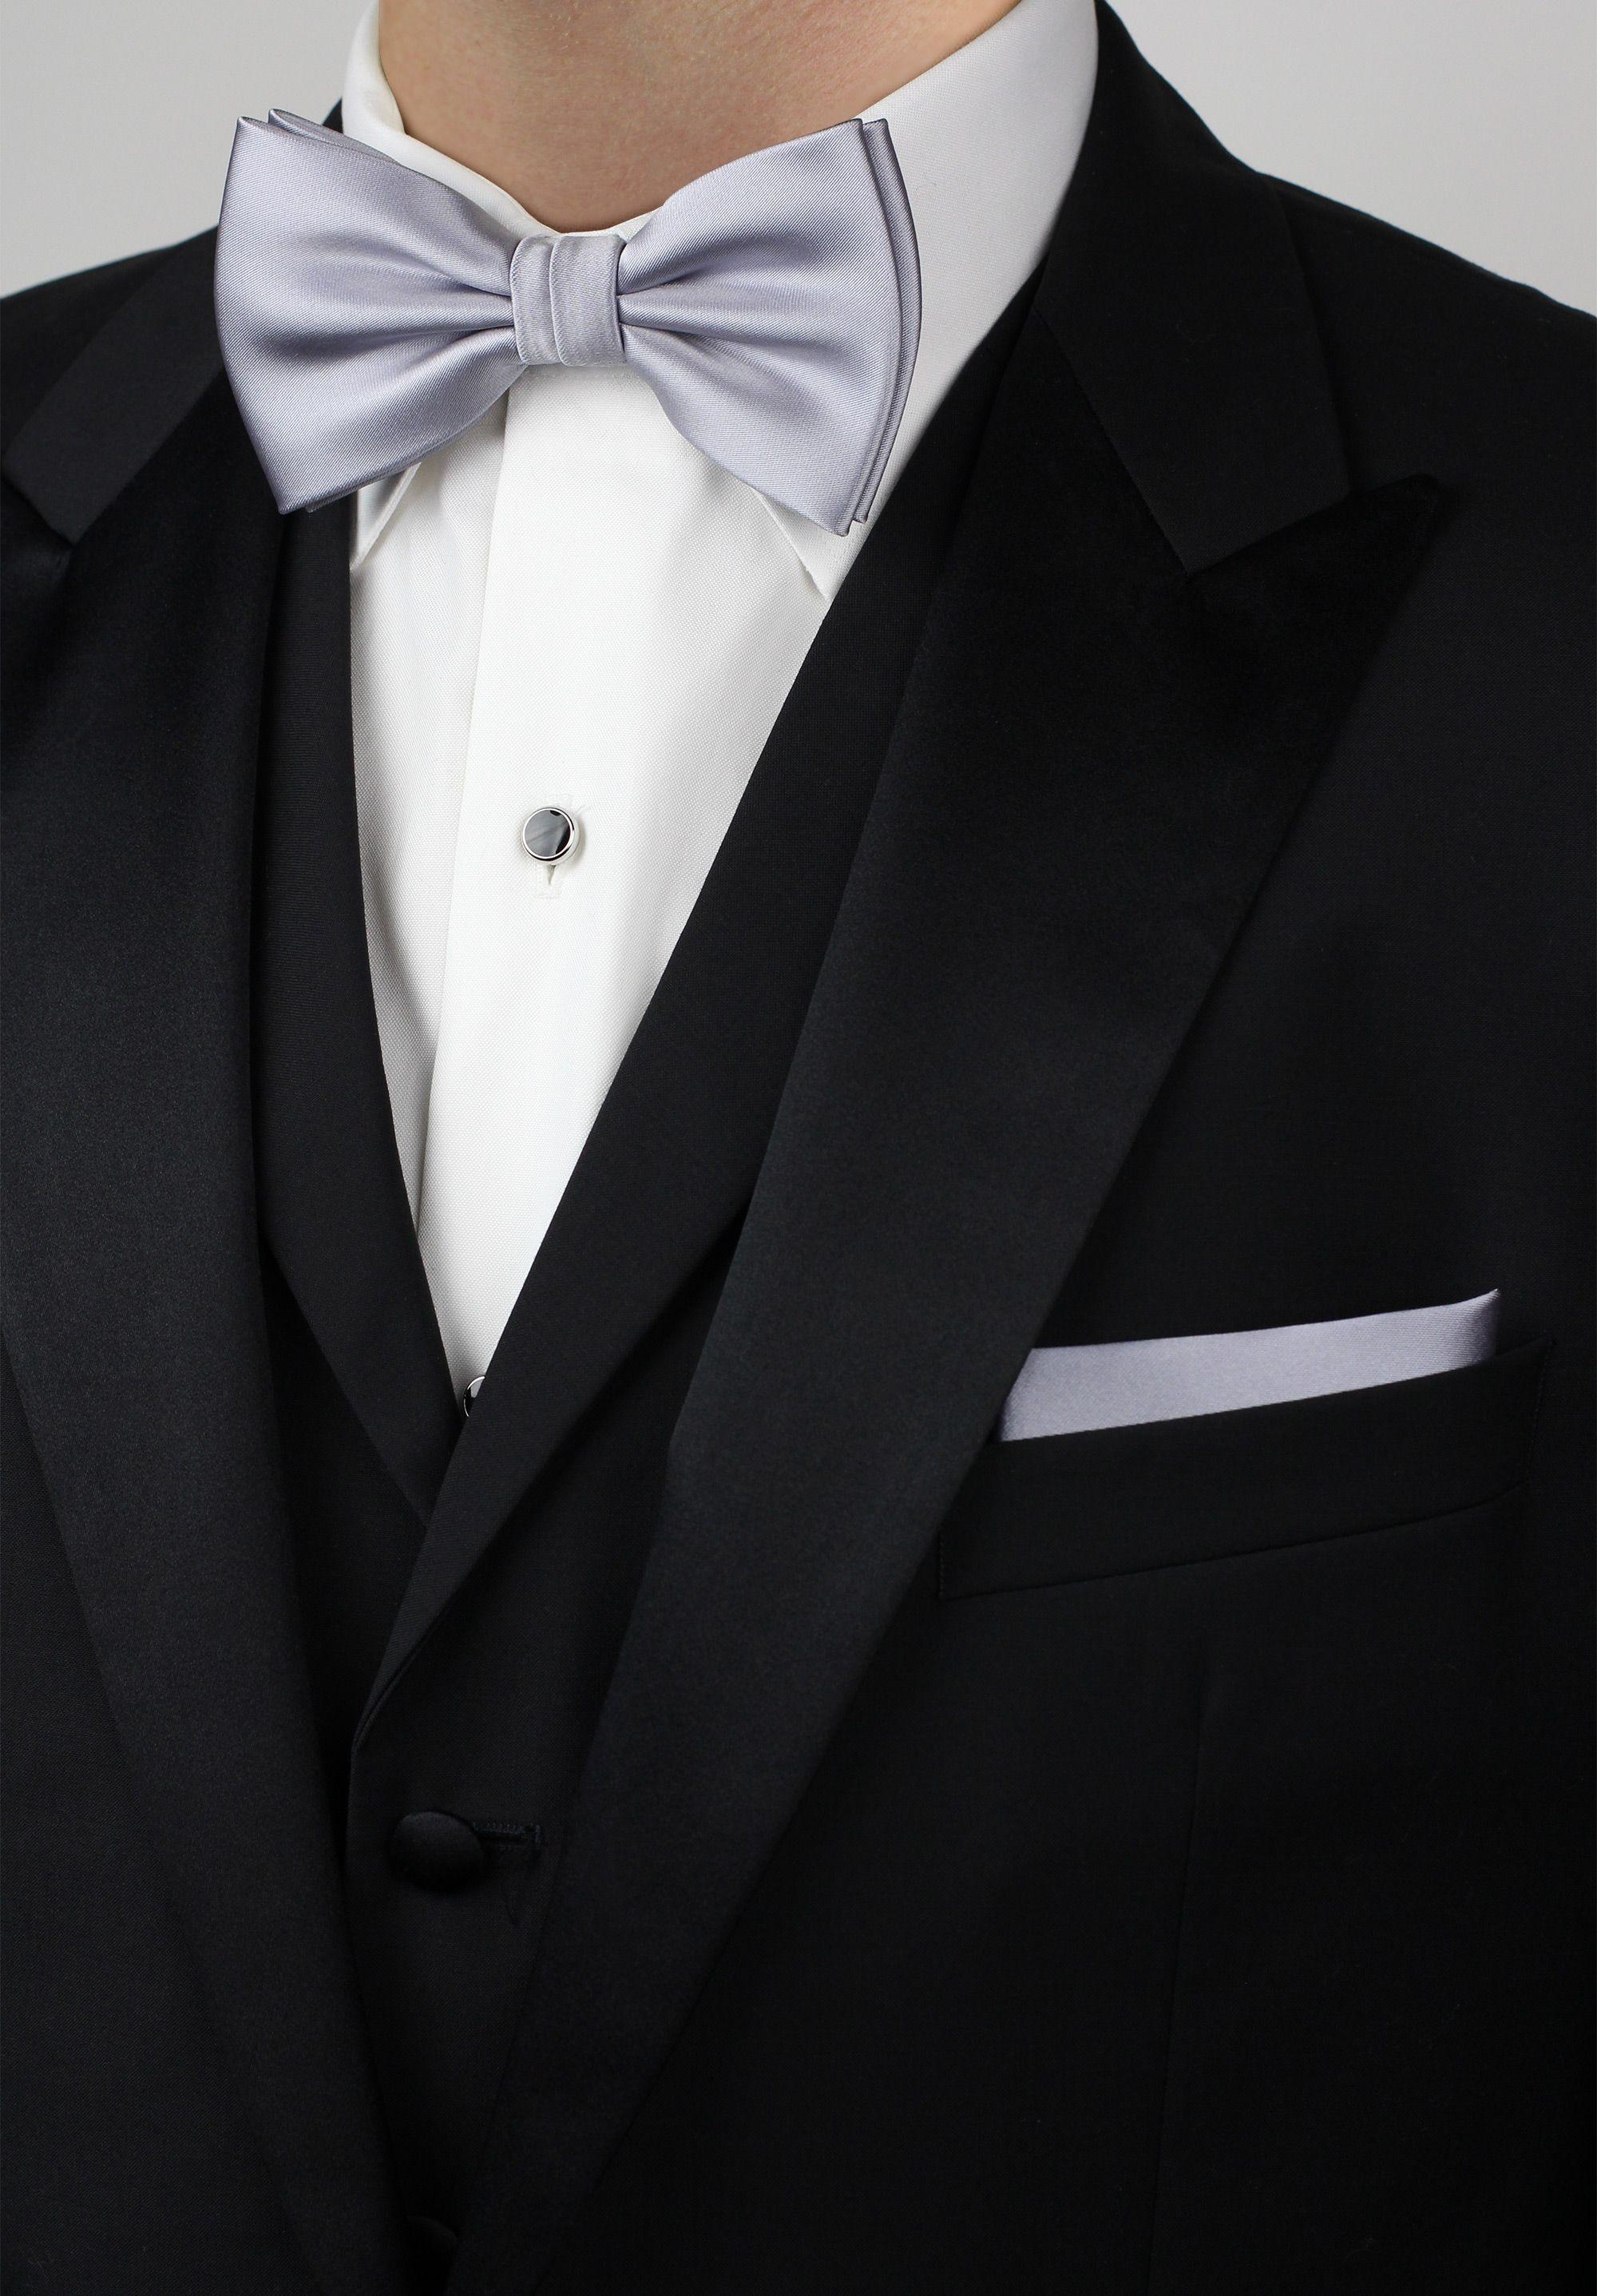 24688eb2 Elegant mens tuxedo attire - formal silver bow tie and pocket square ...